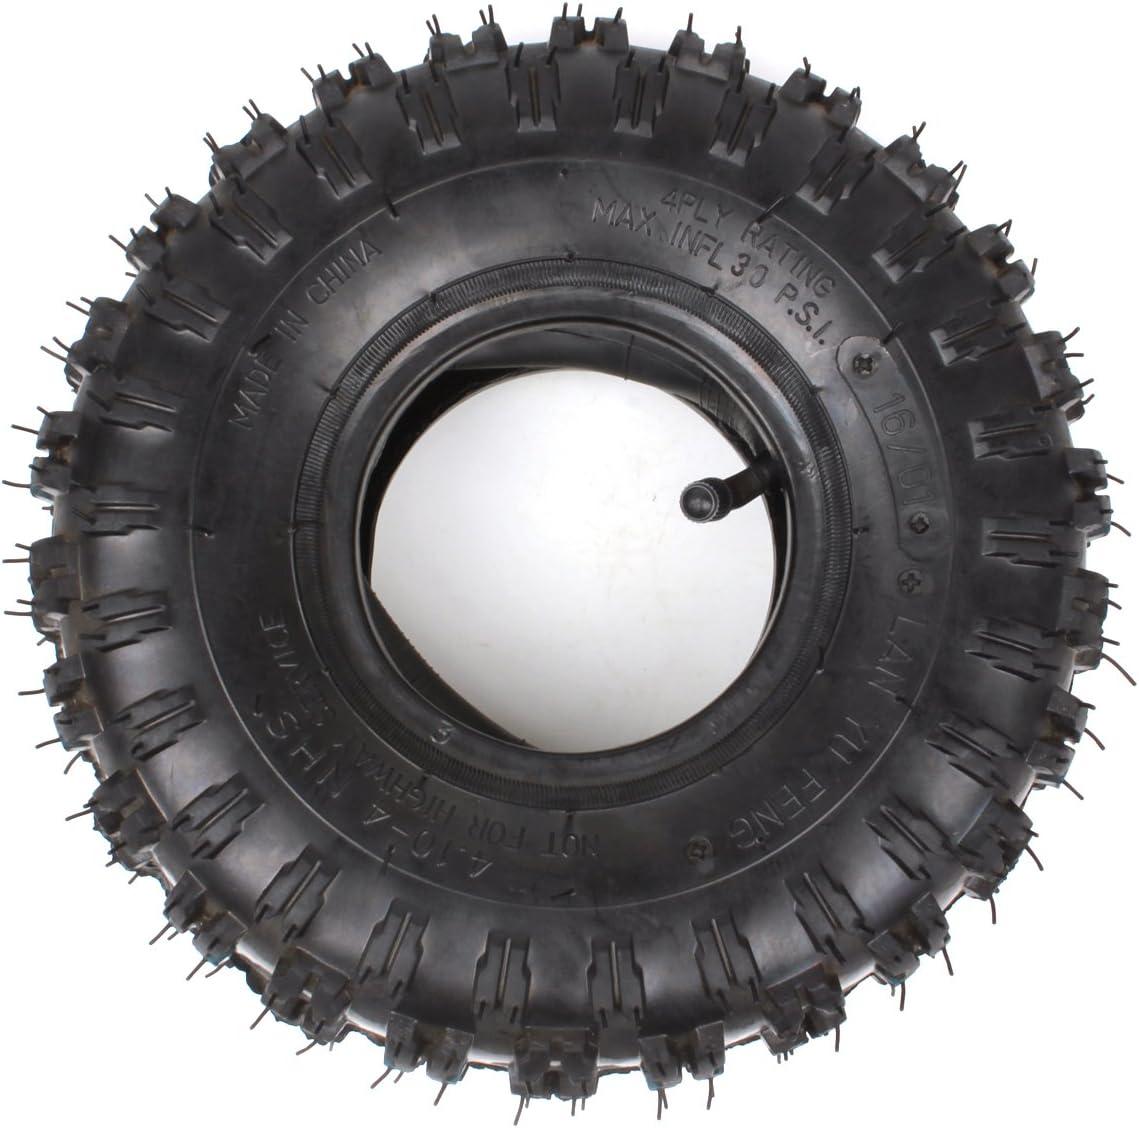 4,10-4 410-4 4,10/3,50-4 Tubo Interior + Neumático Reemplazo para Motocultor de jardín Soplador de Nieve Cortacéspedr Camión de Mano Go Cart Kid ATV Carretilla